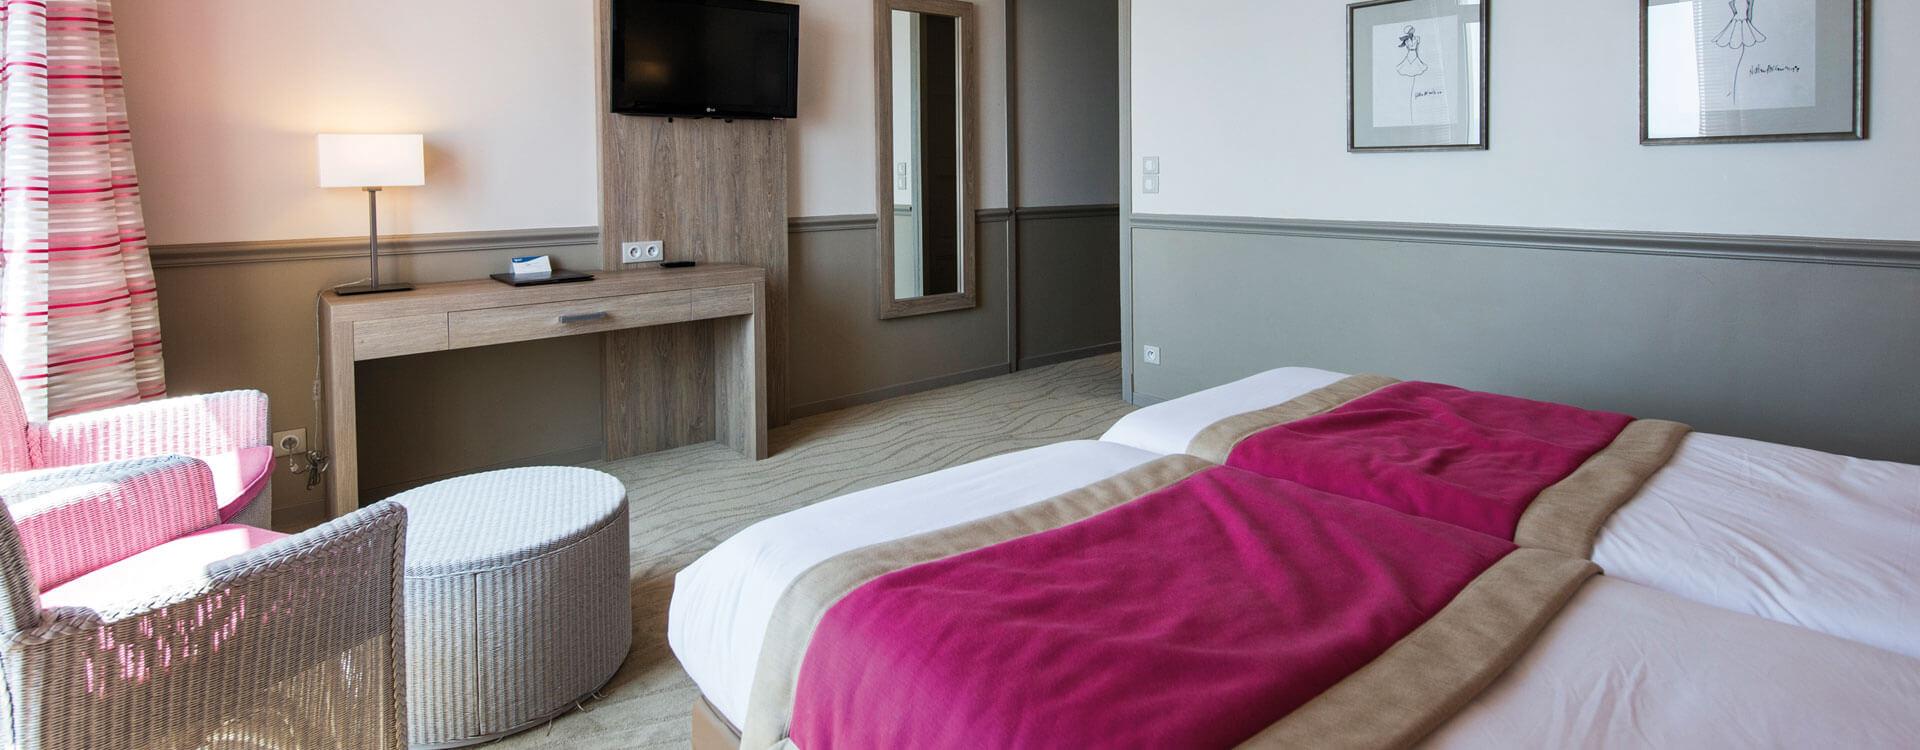 Chambre confort vue mer - Hôtel*** Royal Westminster à Menton